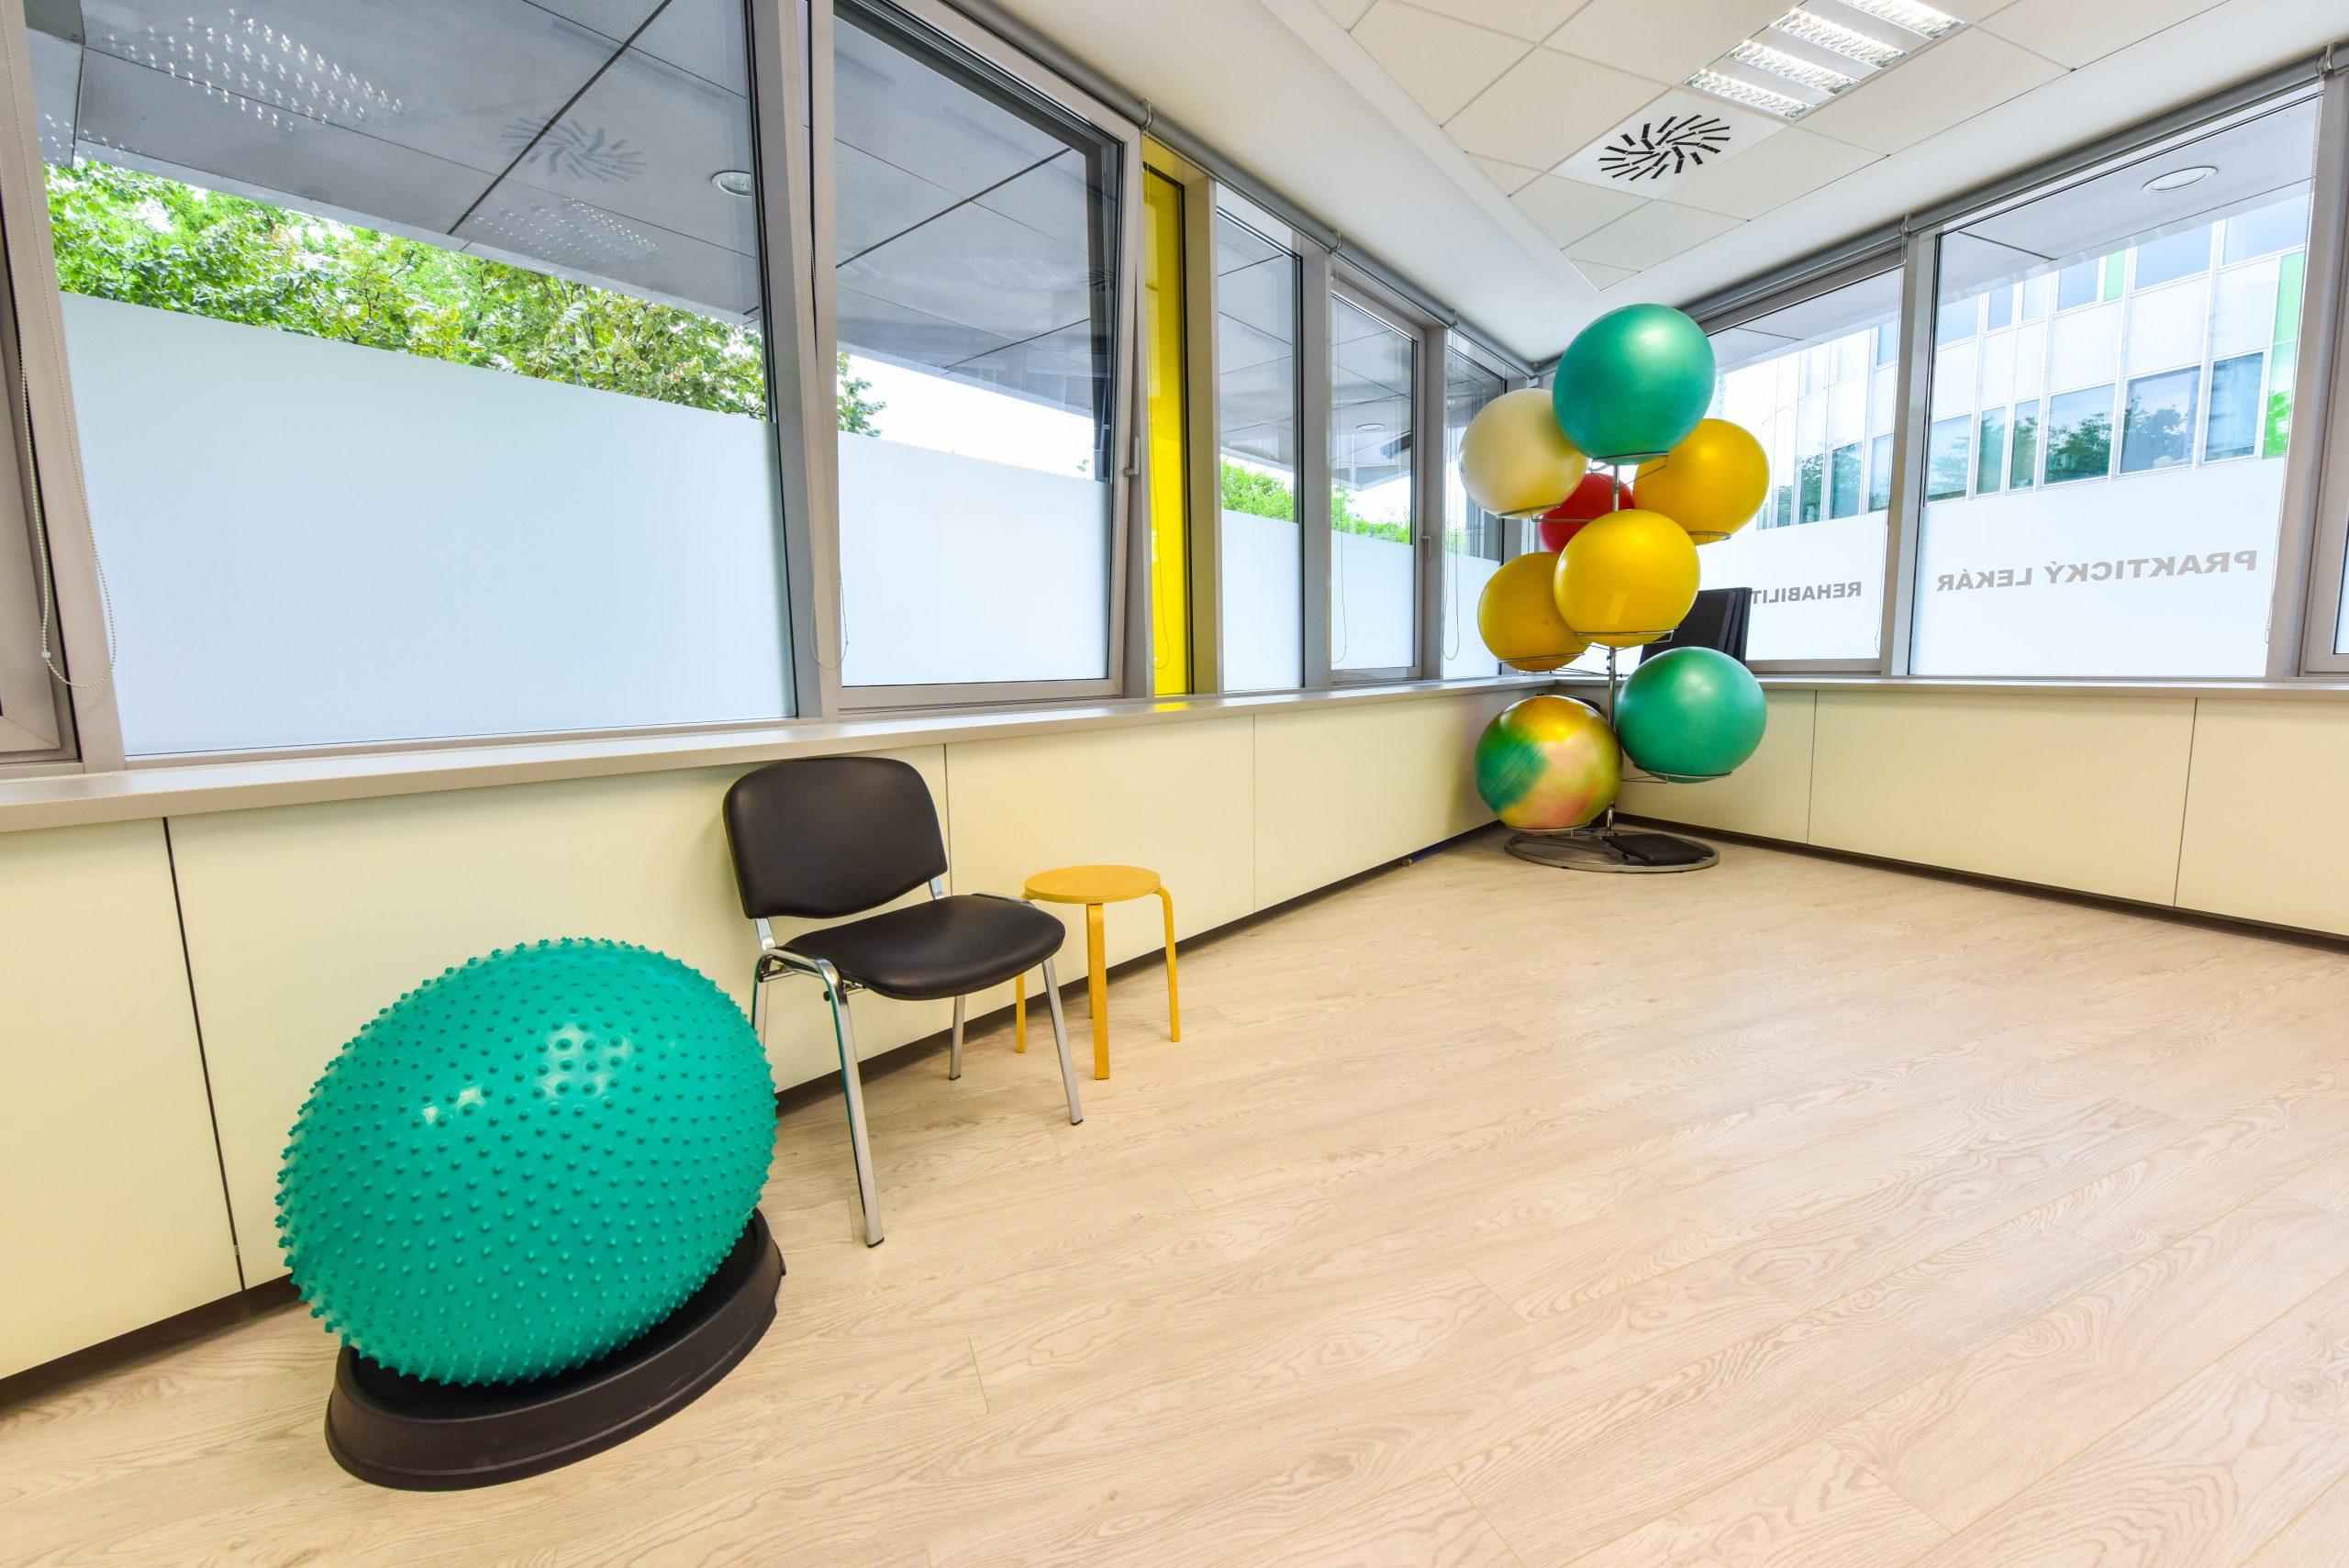 rehabilitácia, rehabilitačné centrum, hippokrates sukromne zdravotnicke centrum, liečba rehabilitaciou, rehabilitačné centrum Bratislava,